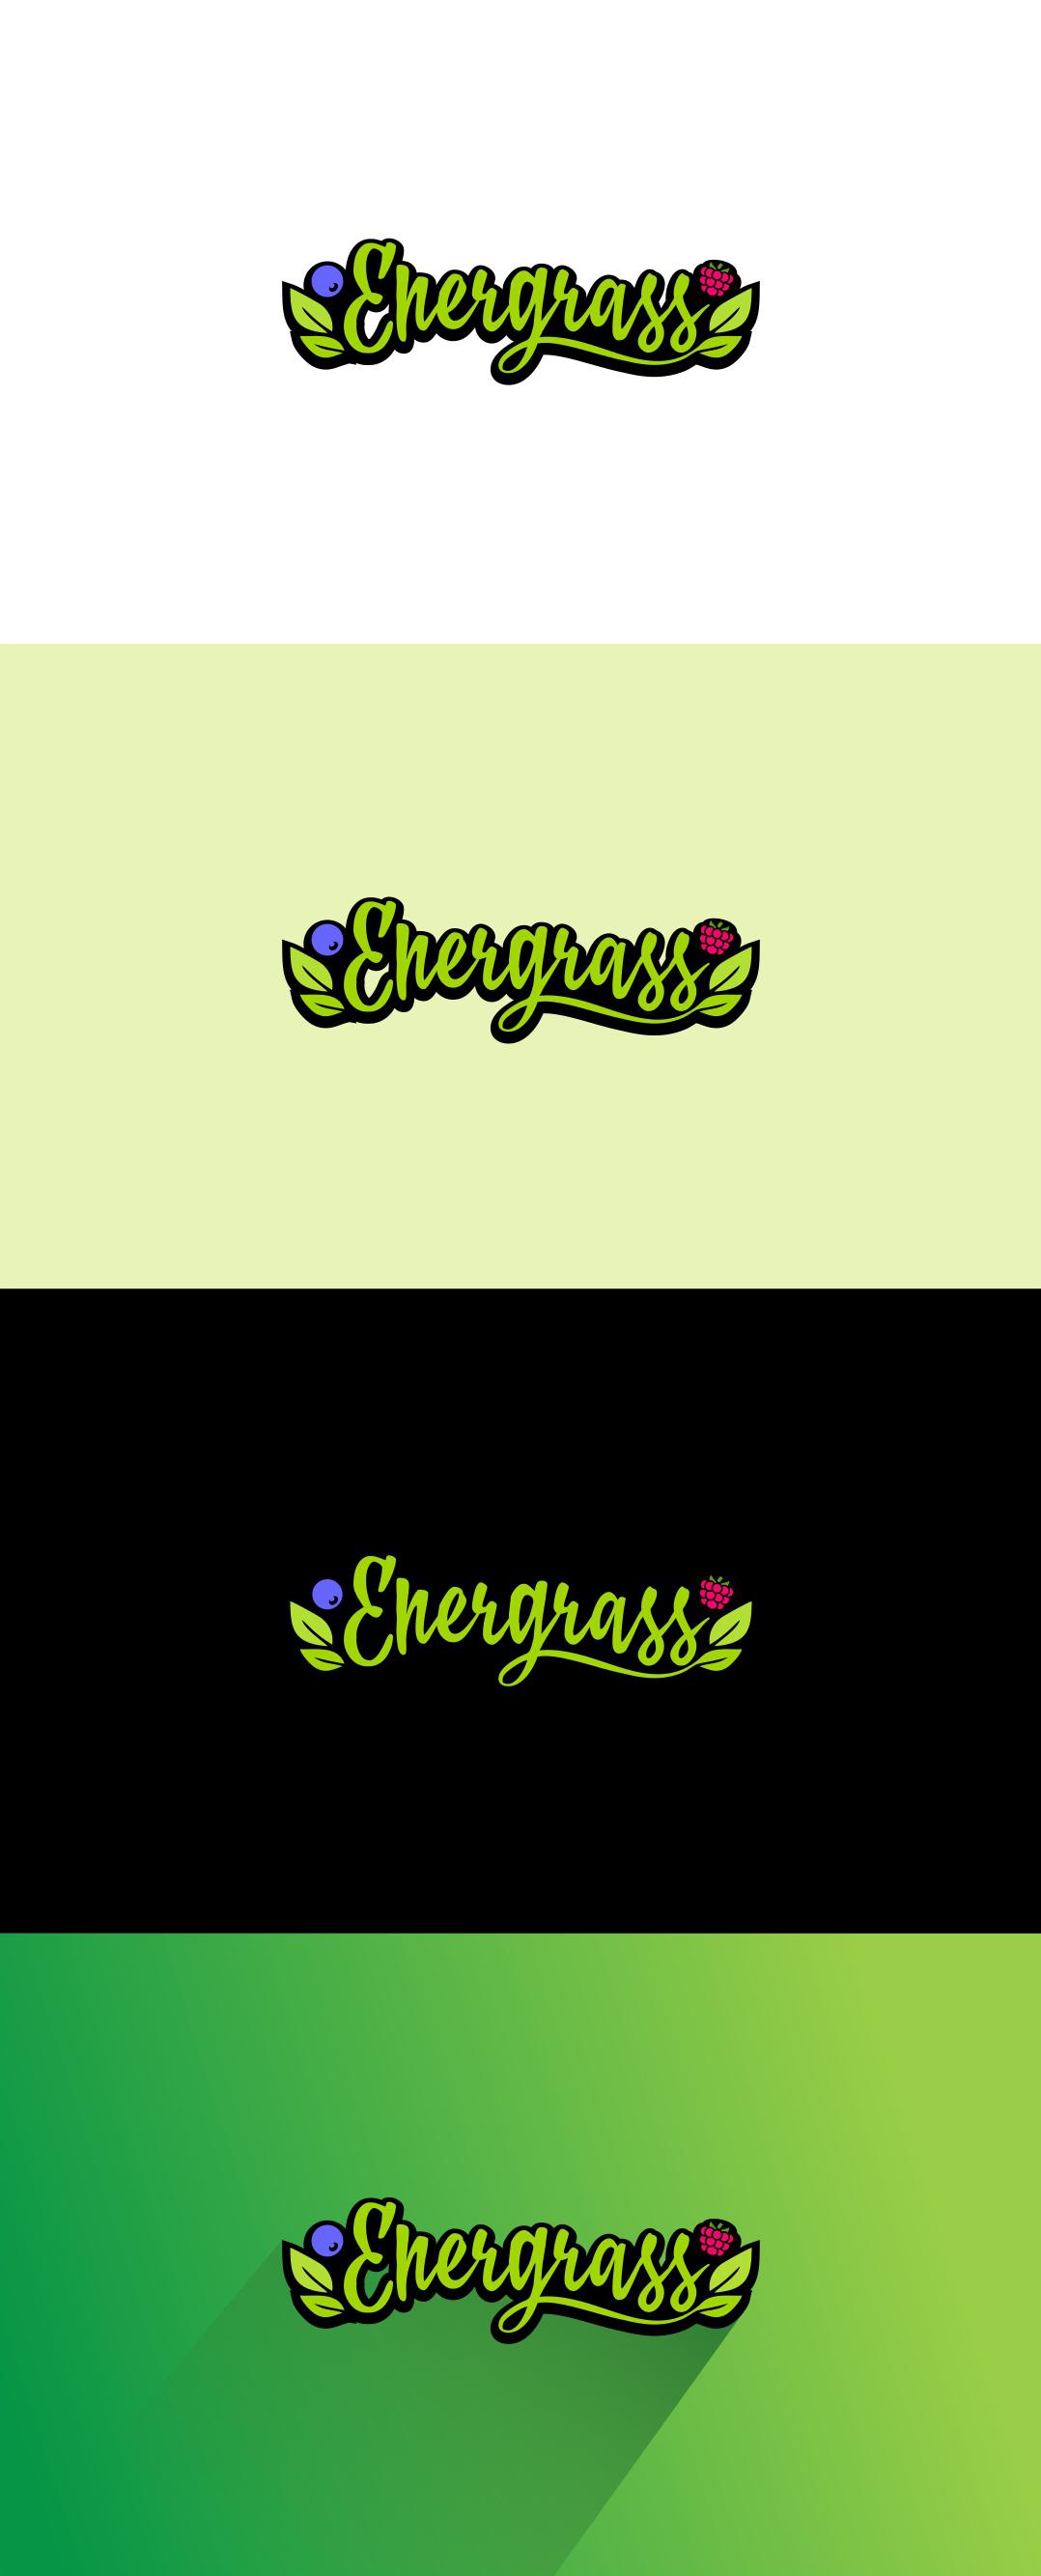 Графический дизайнер для создания логотипа Energrass. фото f_6225f8984b595125.jpg